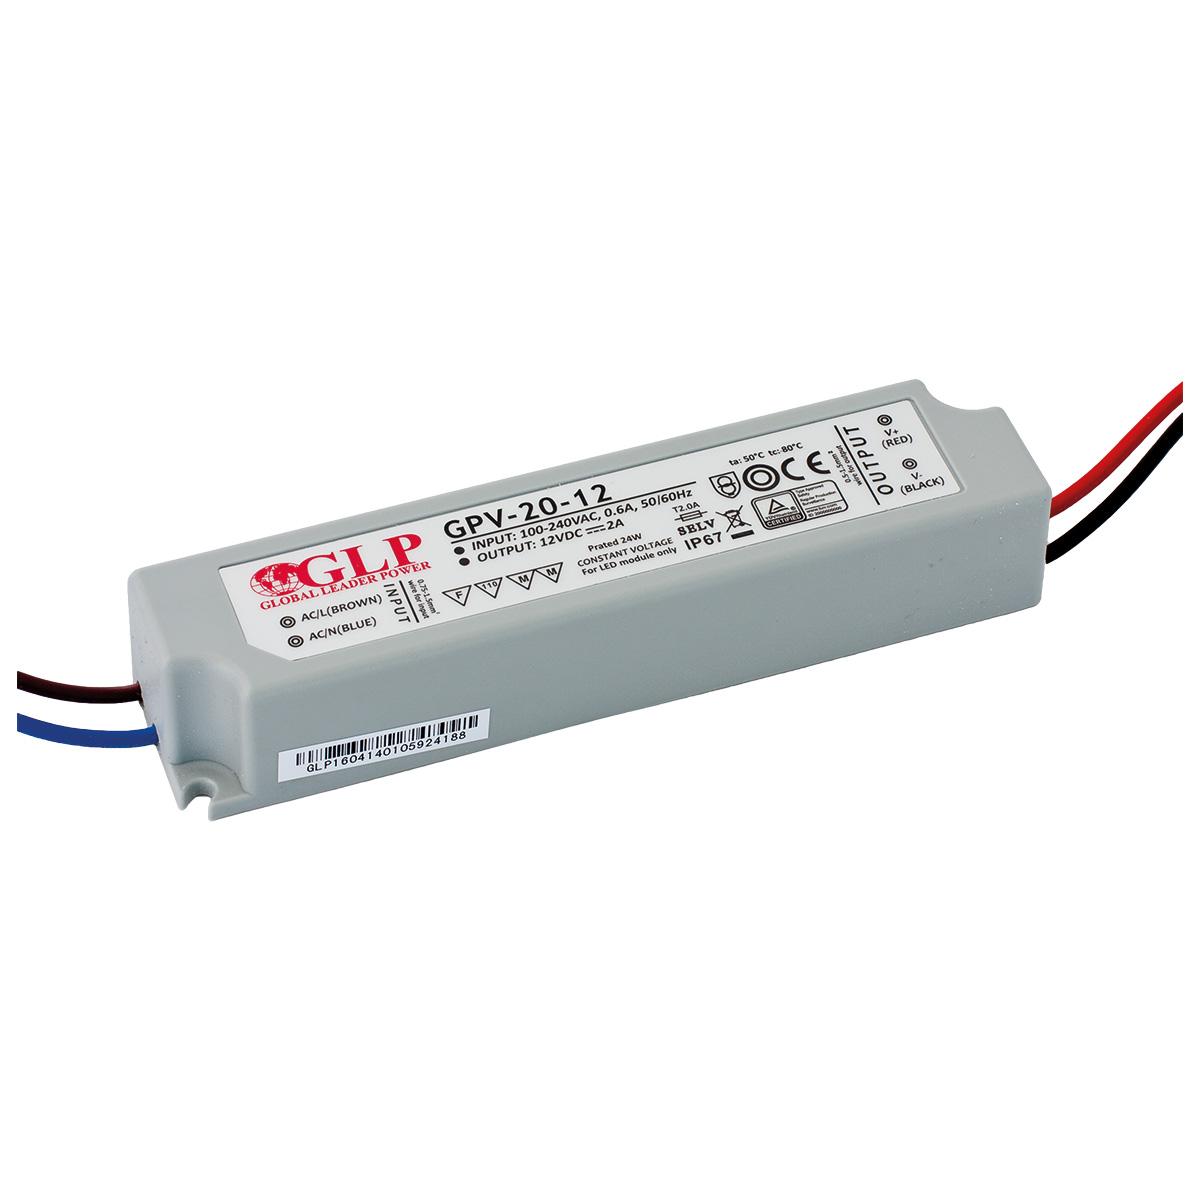 LED trafo GLP GPV-20-12 venkovní IP67 24W 12V, záruka 3 roky